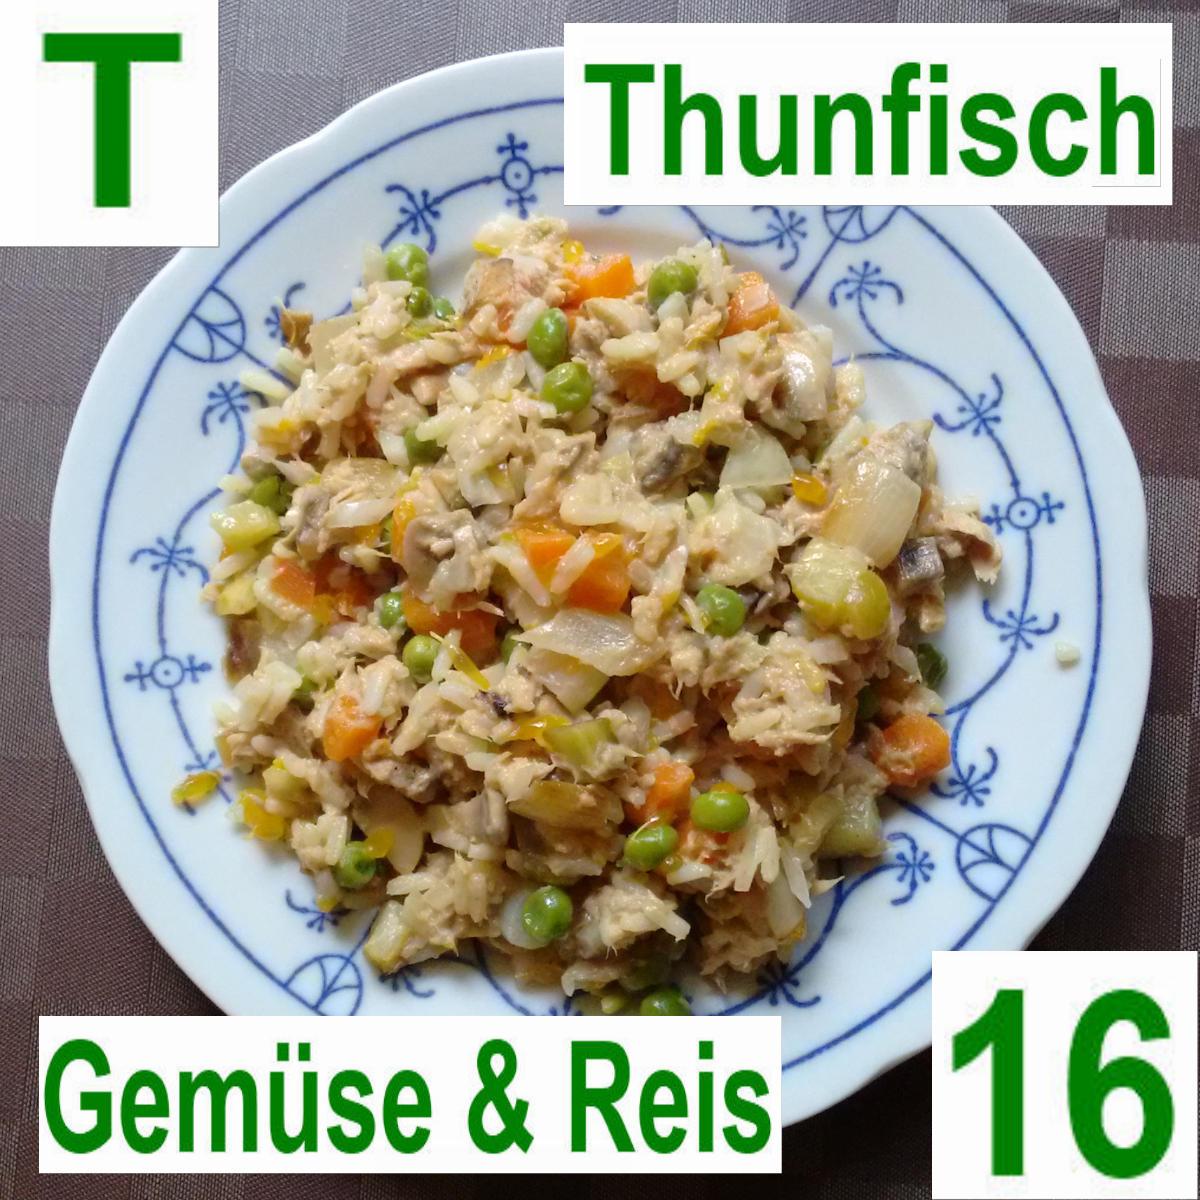 Thunfisch Gemüse & Reis | vonMich